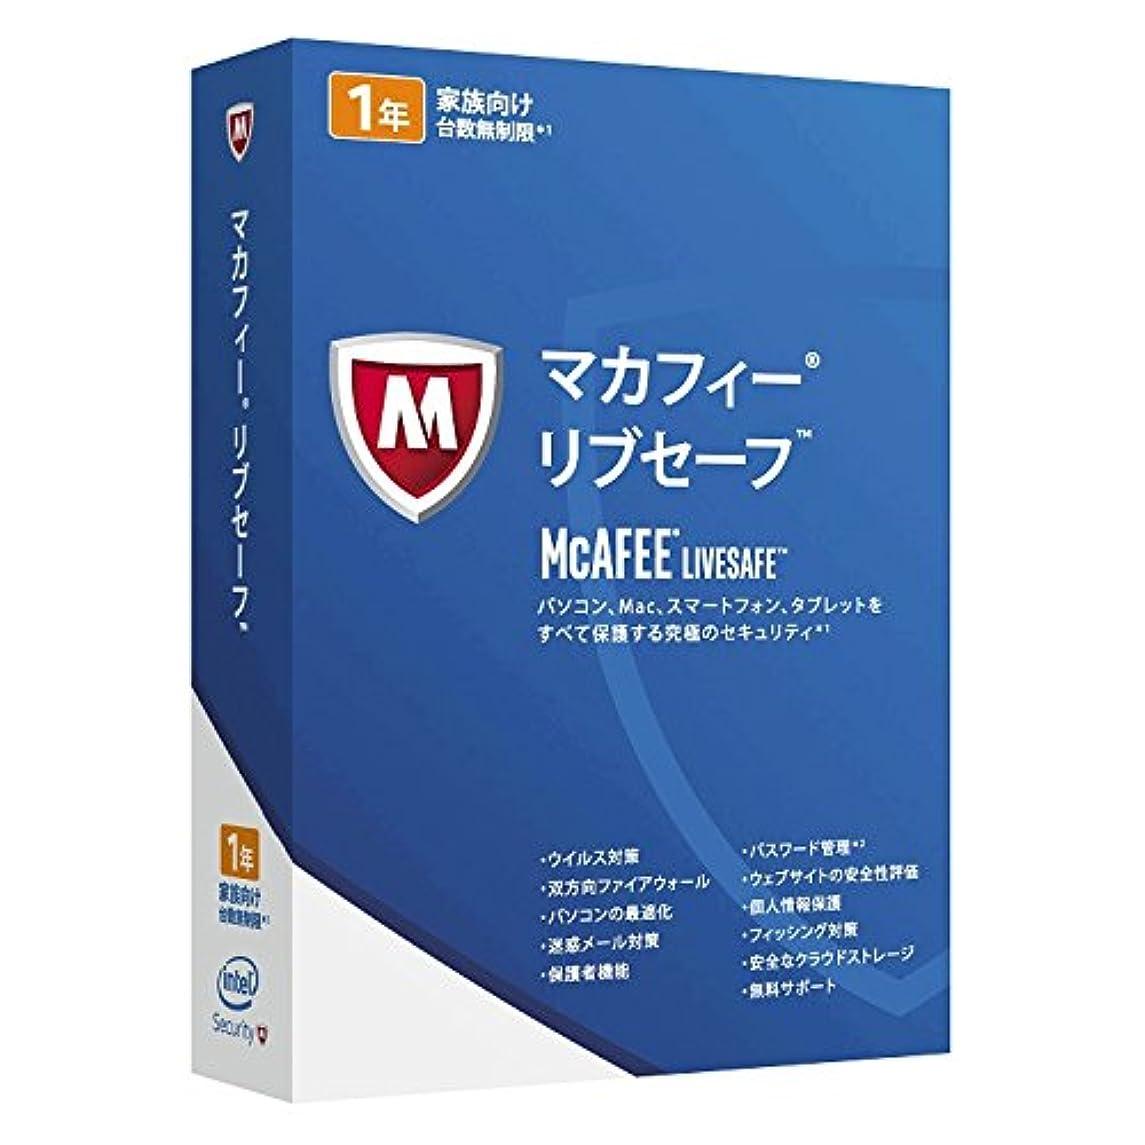 部族移行する赤道マカフィー リブセーフ   1年版   台数無制限   Win/Mac/iOS/Android対応